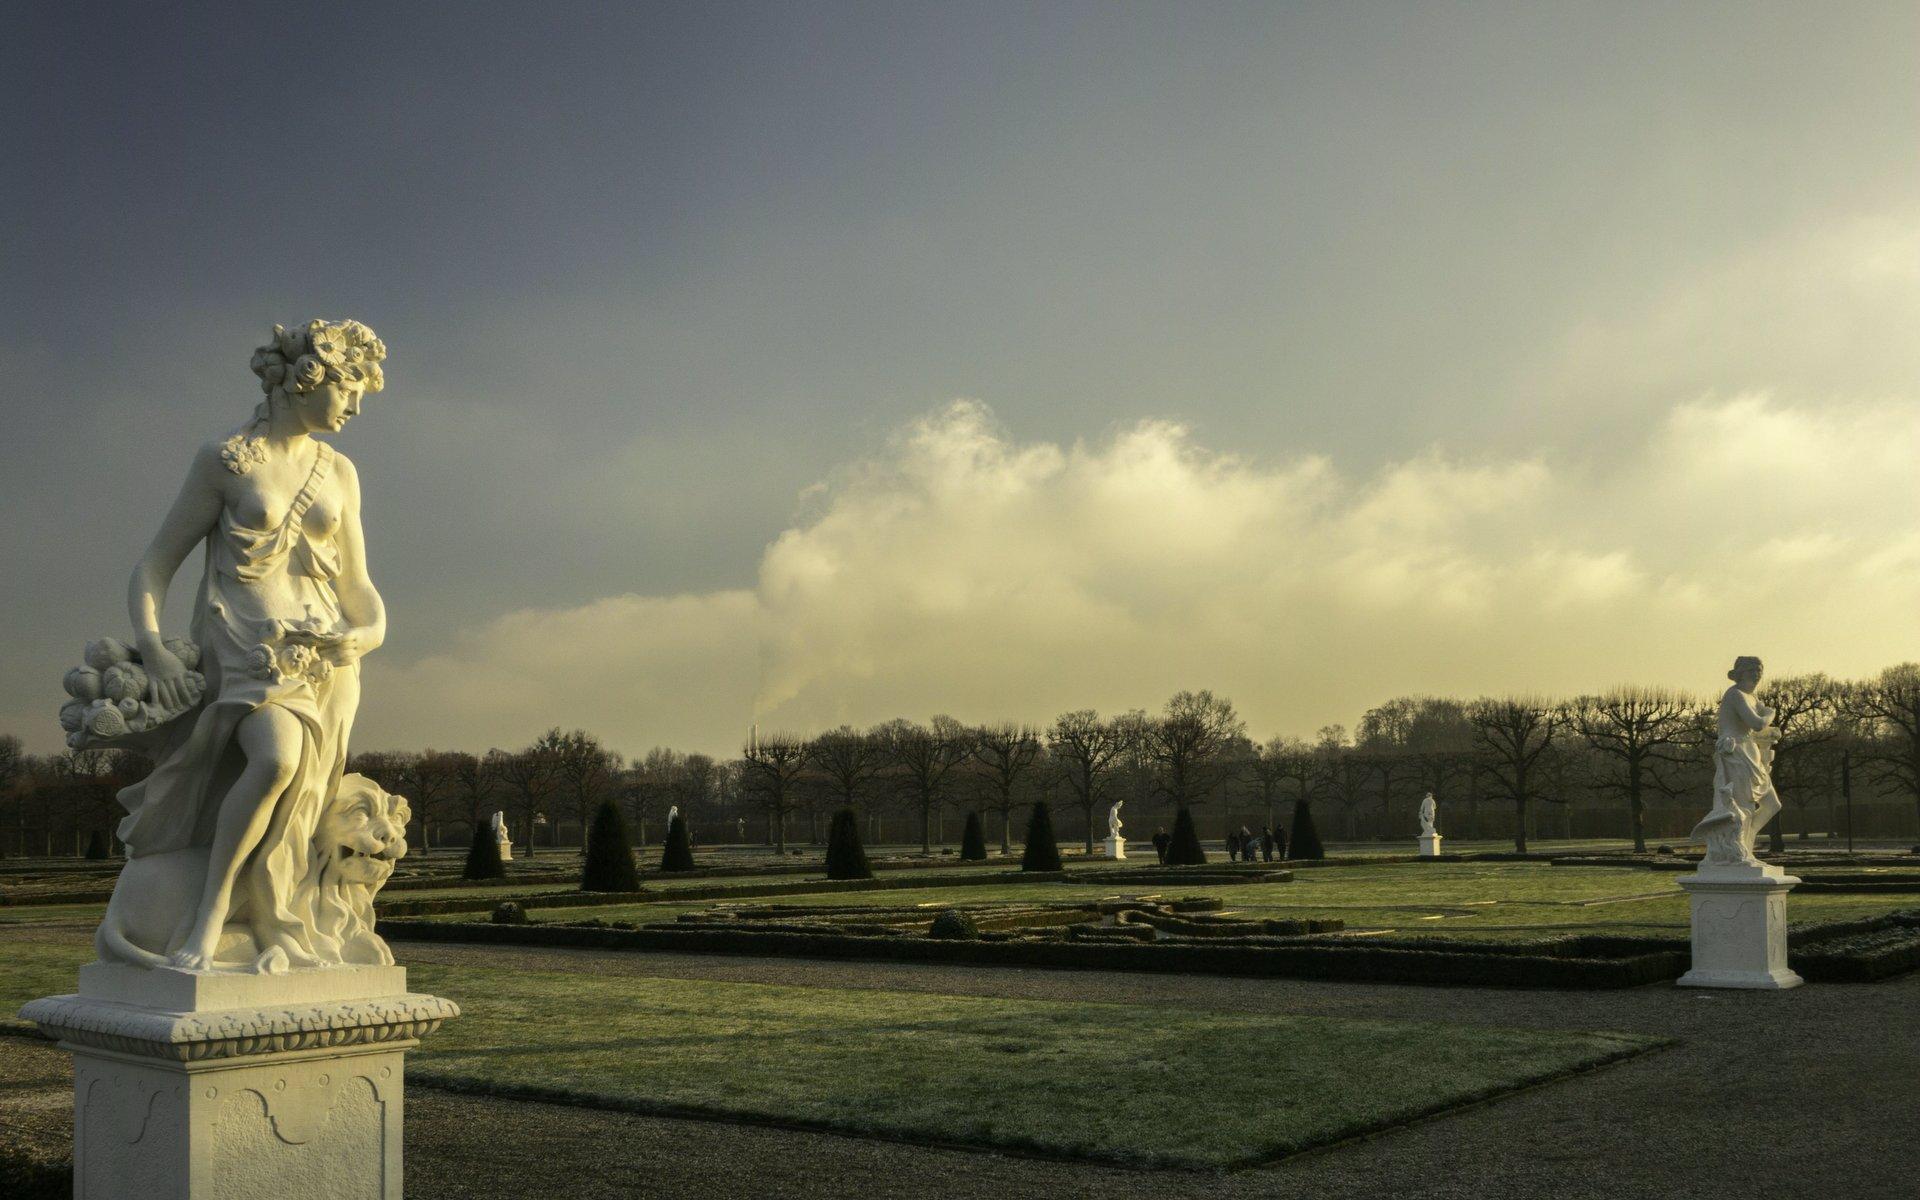 Kybele als Allegorie der Erde und Vesta als Allegorie des Feuers im Parterre des Großen Gartens